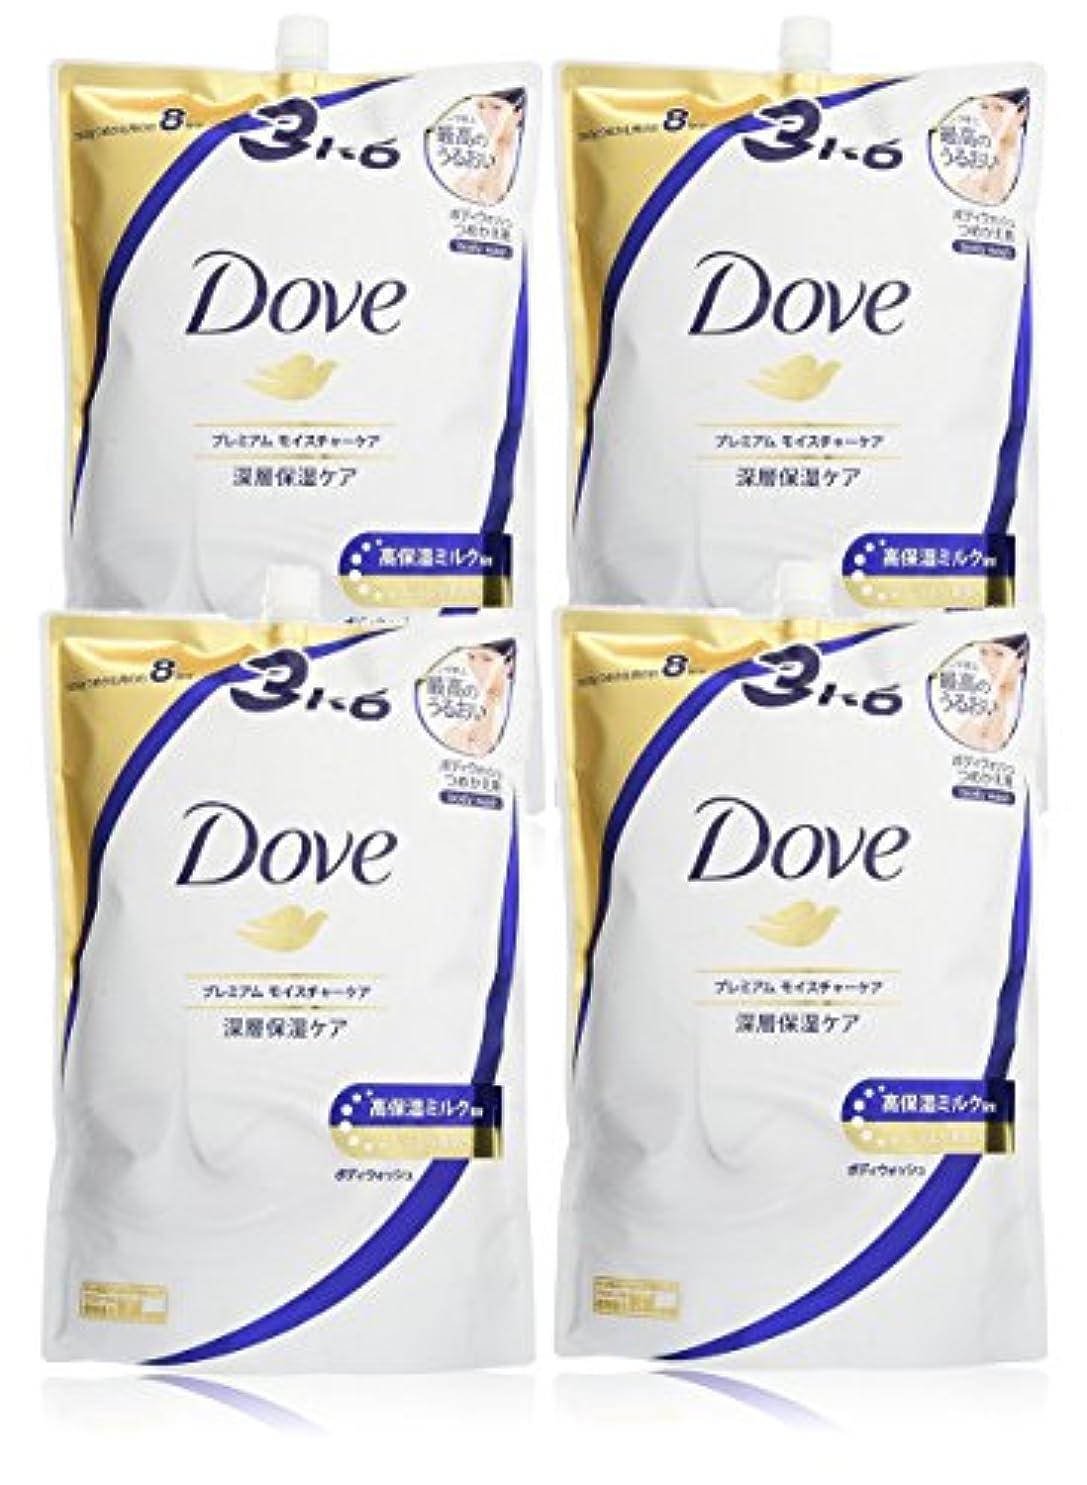 標高チャールズキージング住居【ケース販売】 Dove(ダヴ) ボディウォッシュ プレミアム モイスチャーケア つめかえ用 3kg×4個